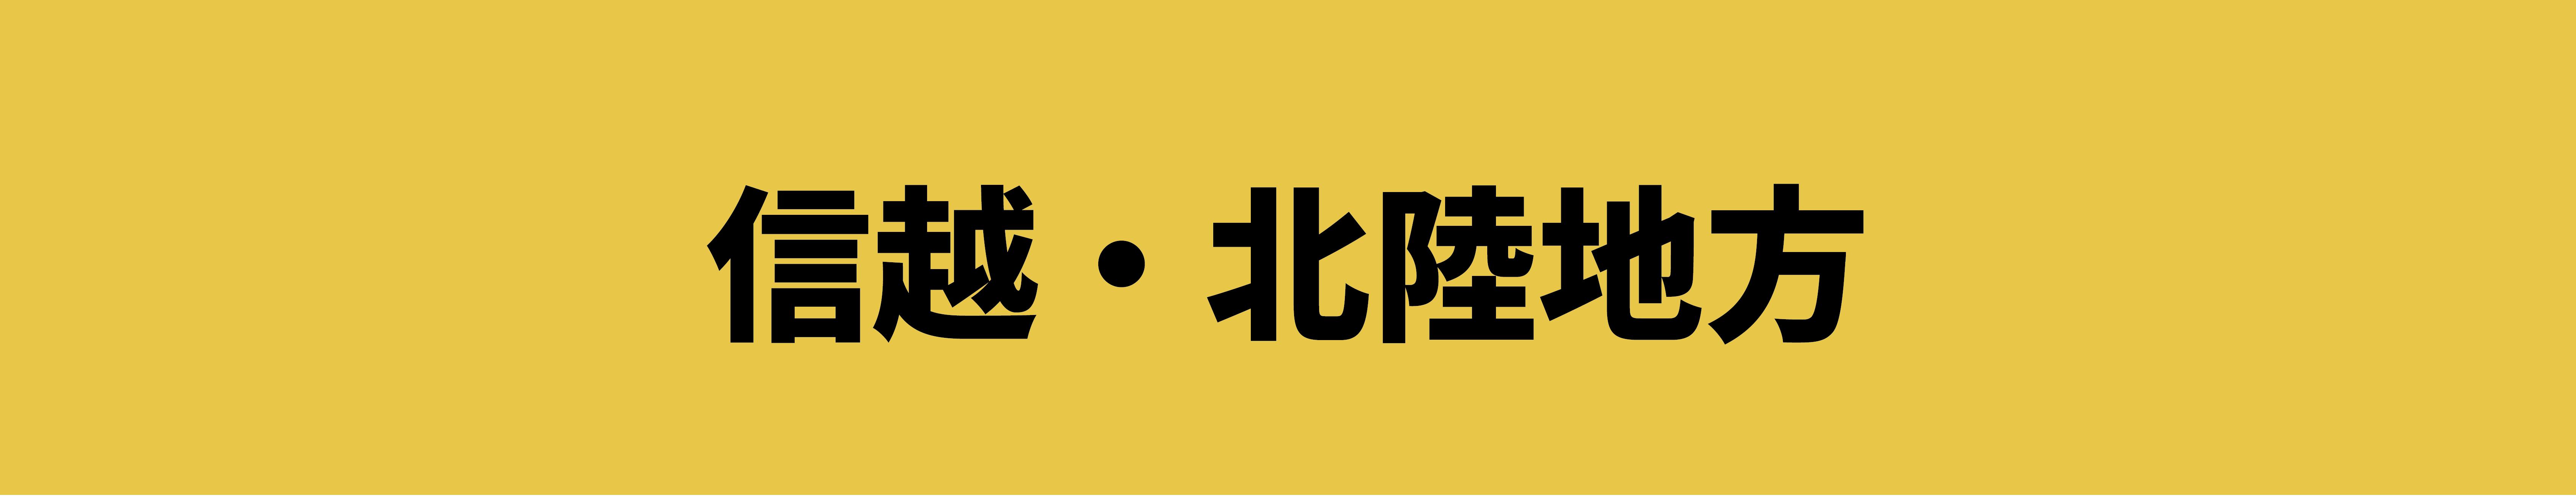 信越・北陸